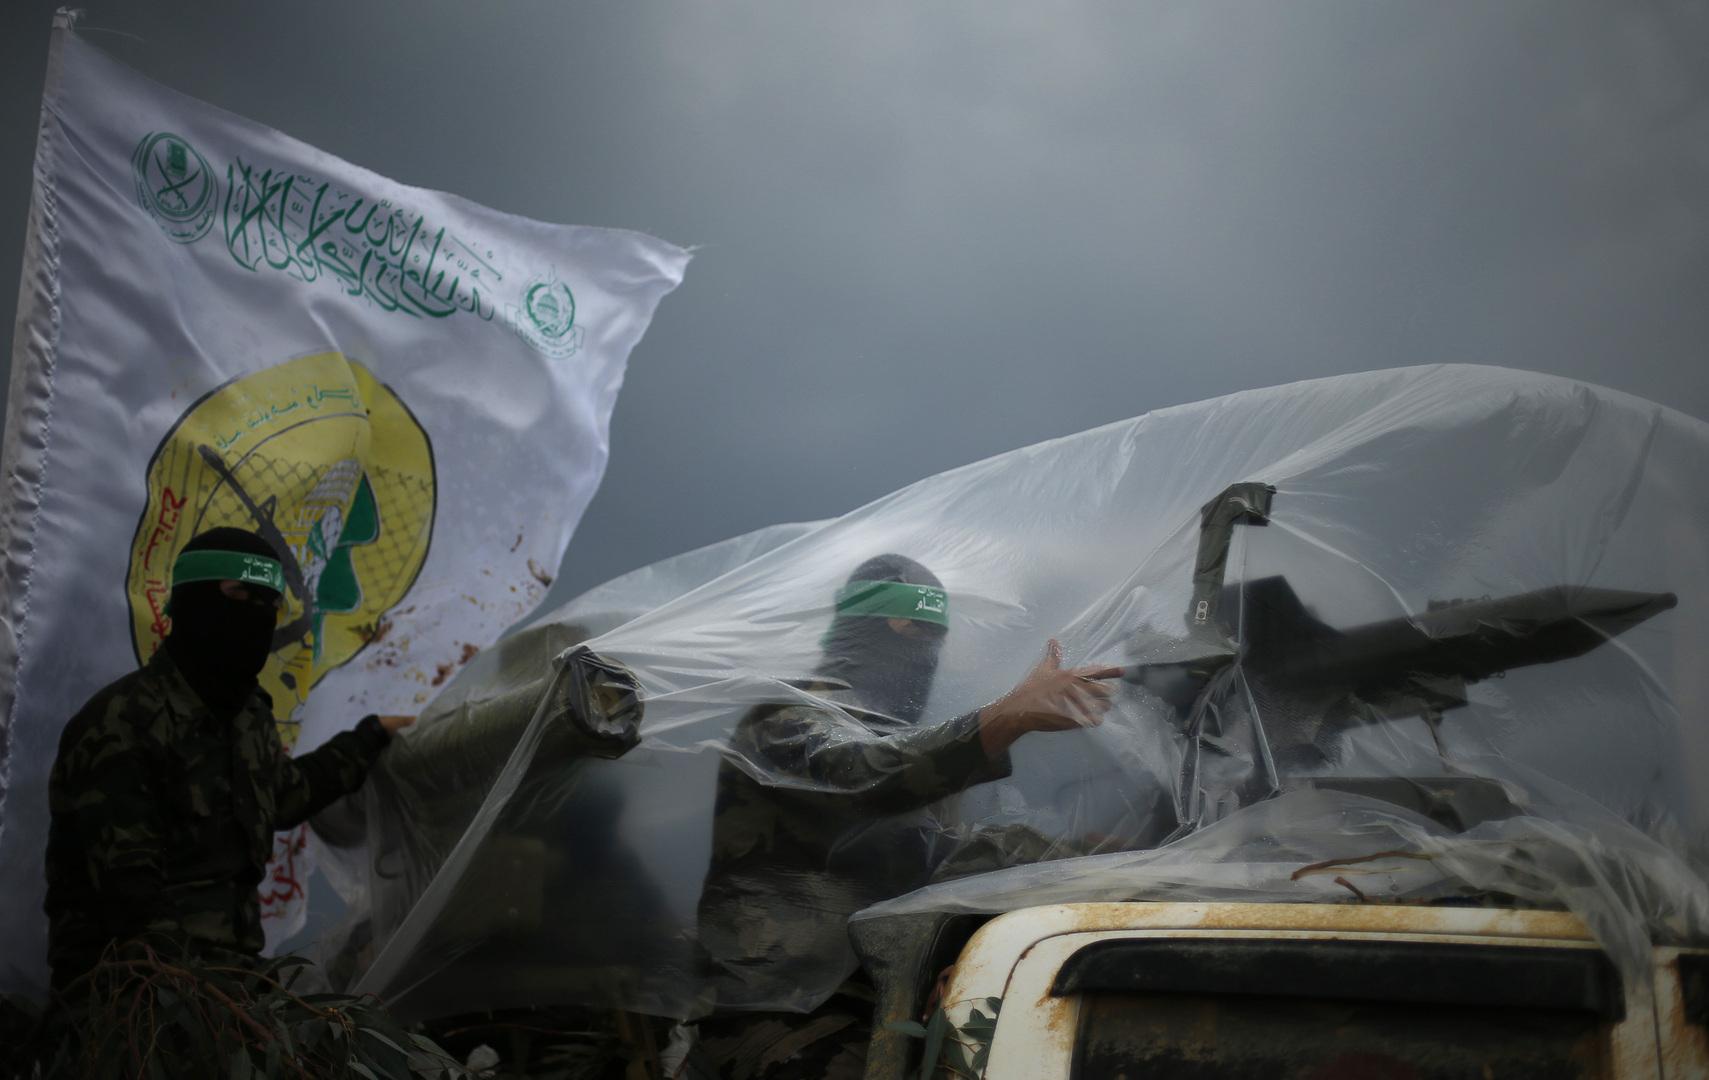 القاهرة تنقل رسالة من حماس إلى إسرائيل.. إطلاق الصواريخ سببه كورونا